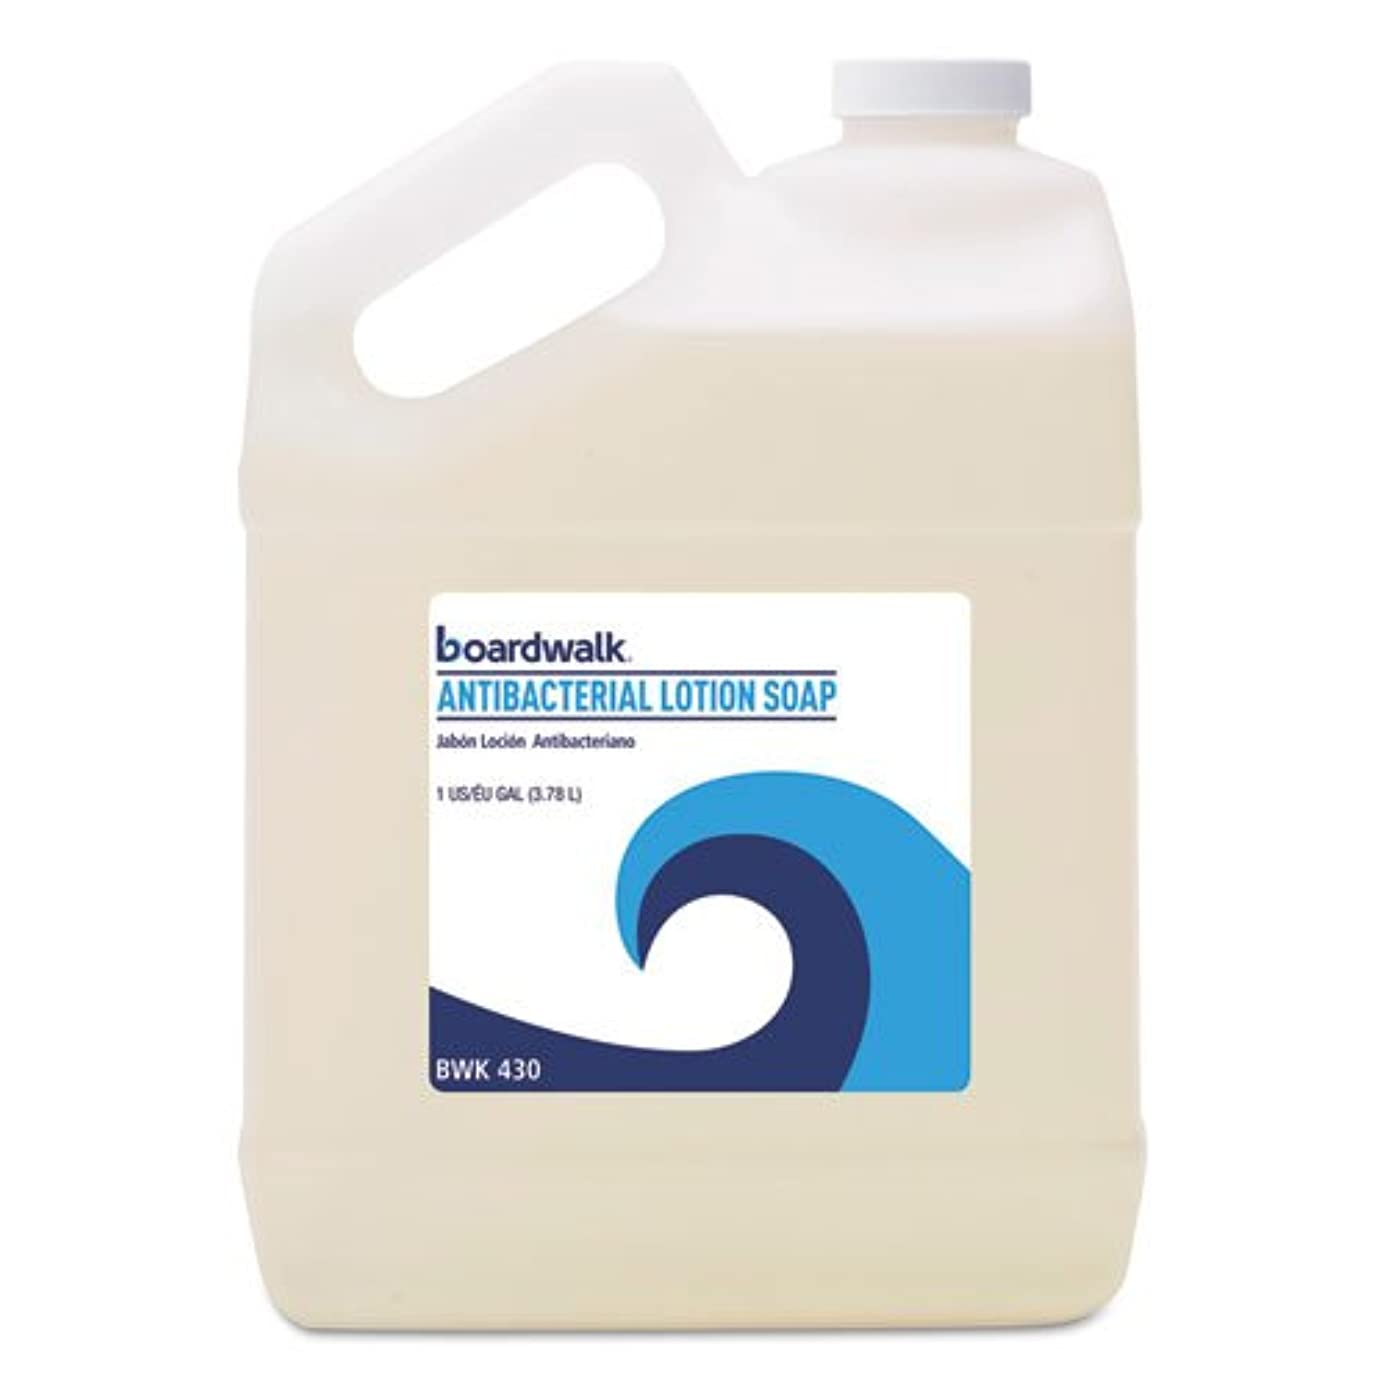 触覚ブロック反対するBoardwalk 抗菌液体石鹸 フローラルバルサム 1ガロンボトル